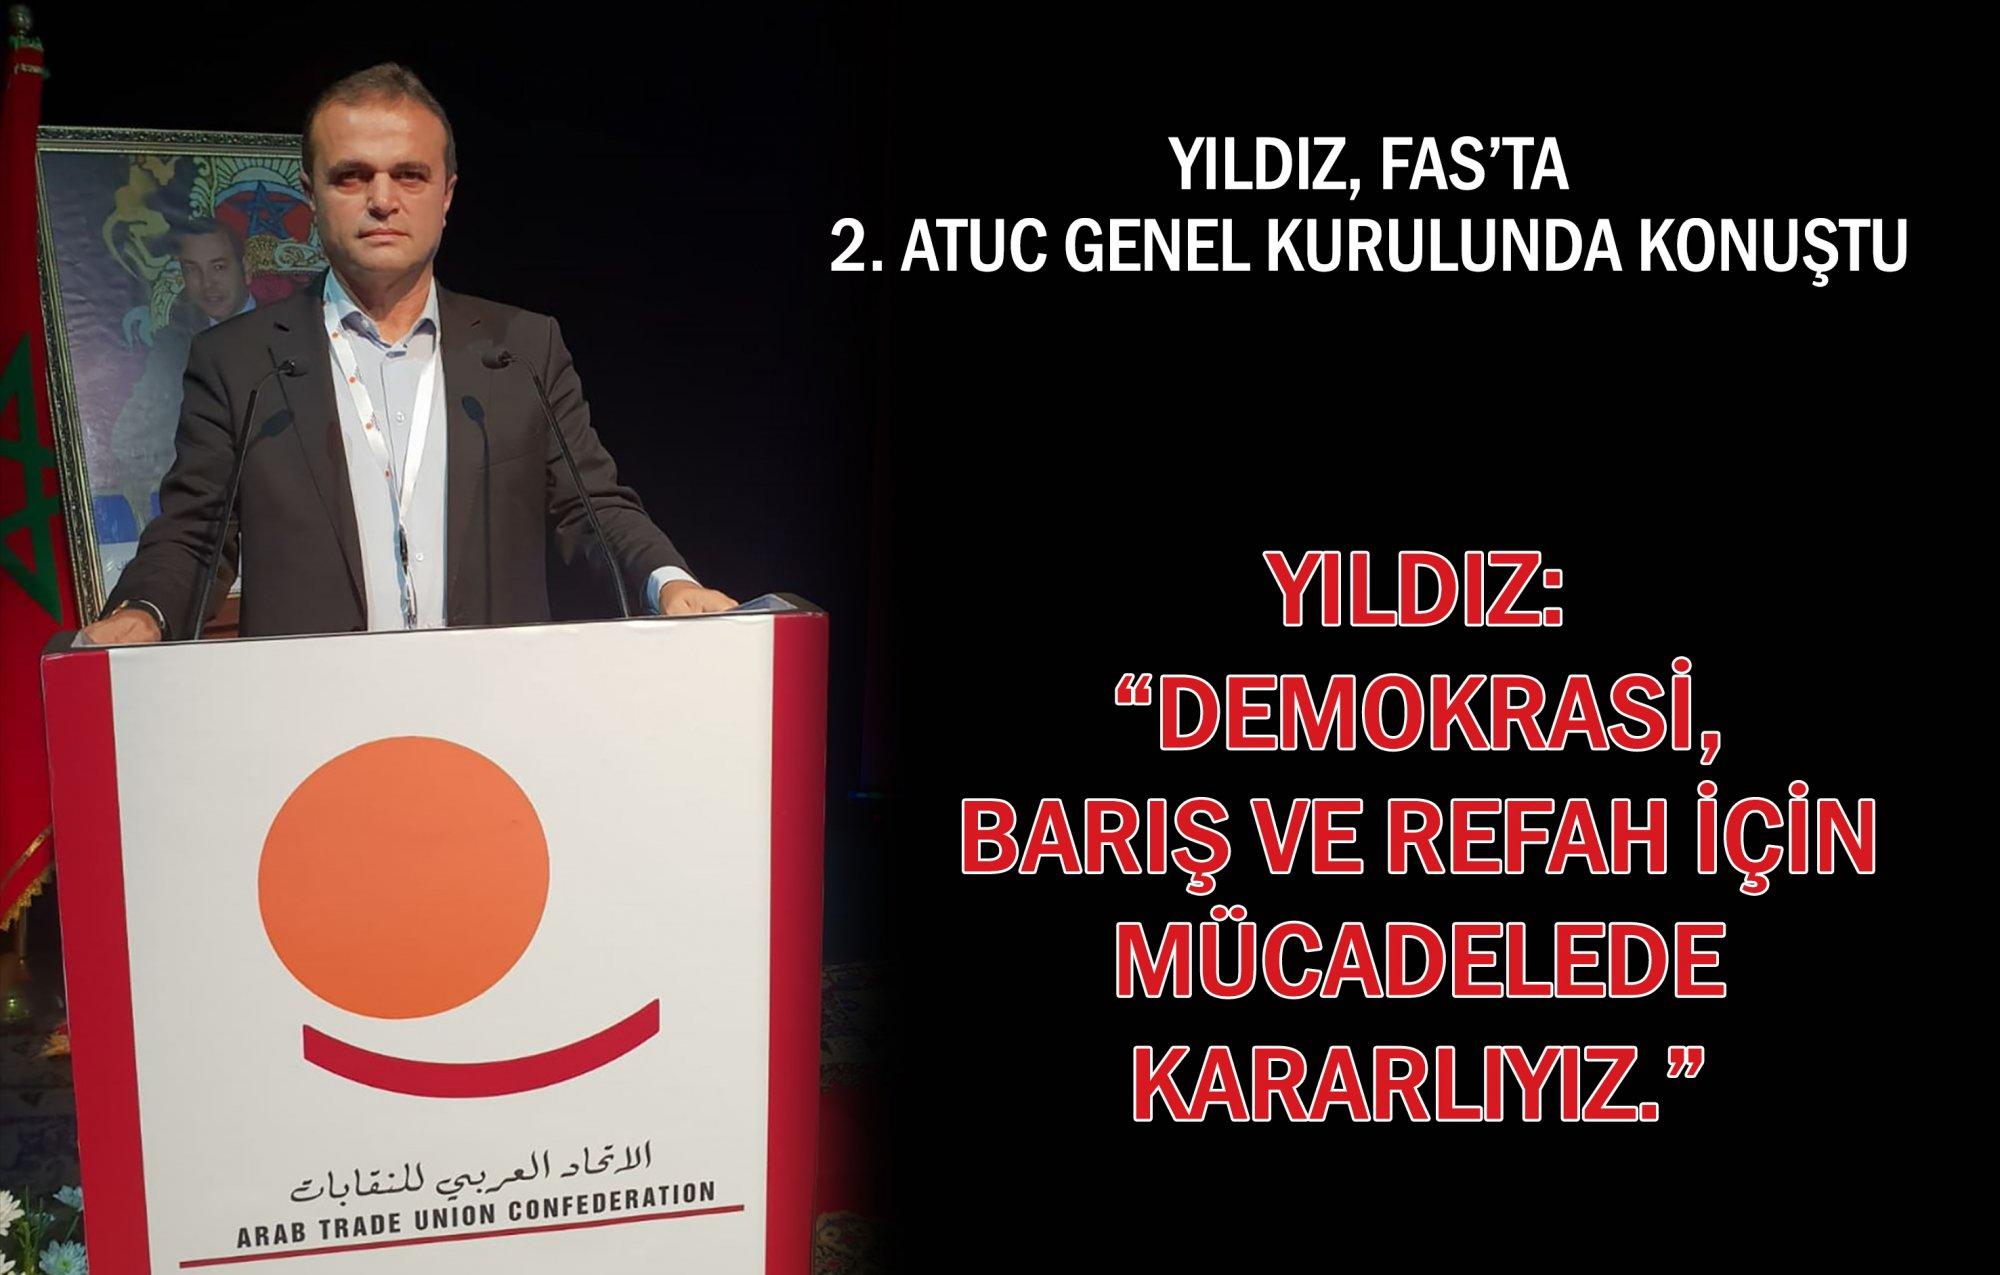 """YILDIZ: """"DEMOKRASİ, BARIŞ VE REFAH İÇİN MÜCADELEDE KARARLIYIZ"""""""